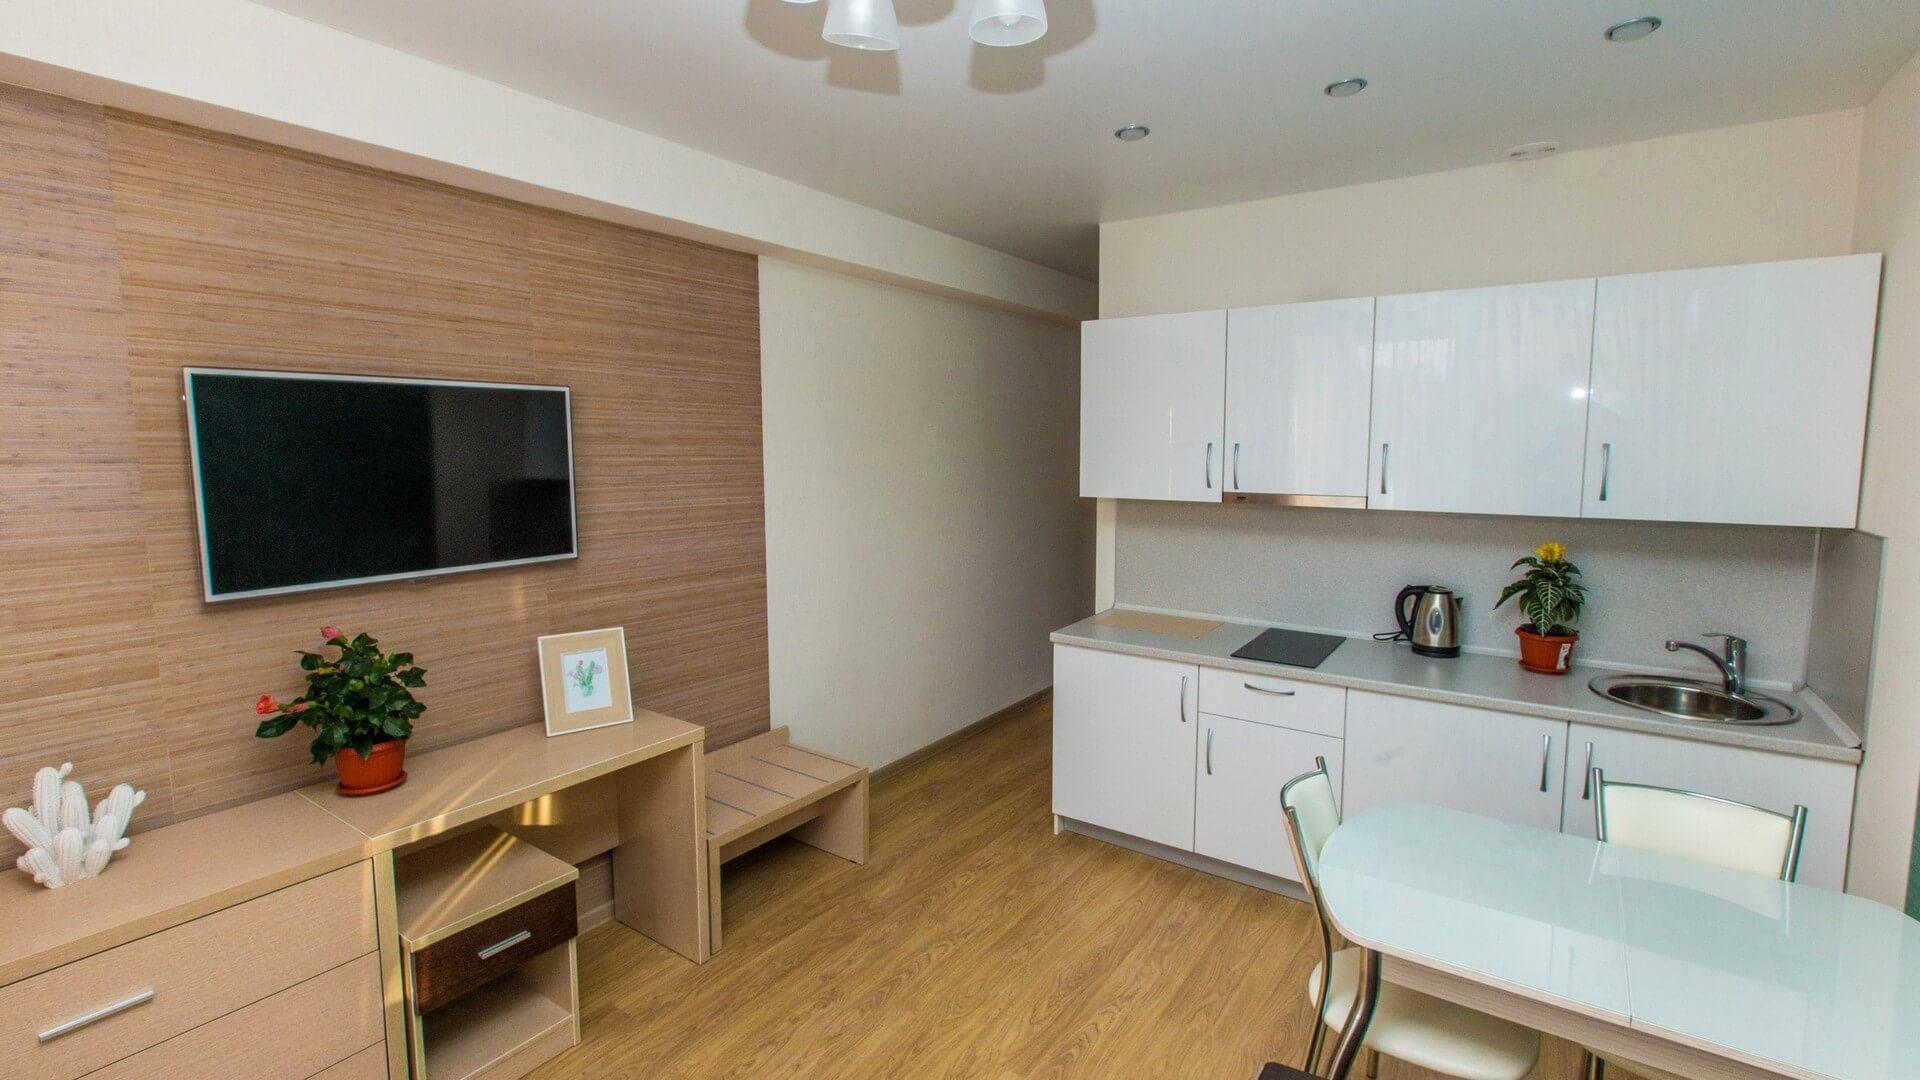 Апартаменты в самом масштабном апартаментом комлексе - image Apartamenty-v-samom-masshtabnom-apartamentom-komlekse-4 on http://bizneskvartal.ru